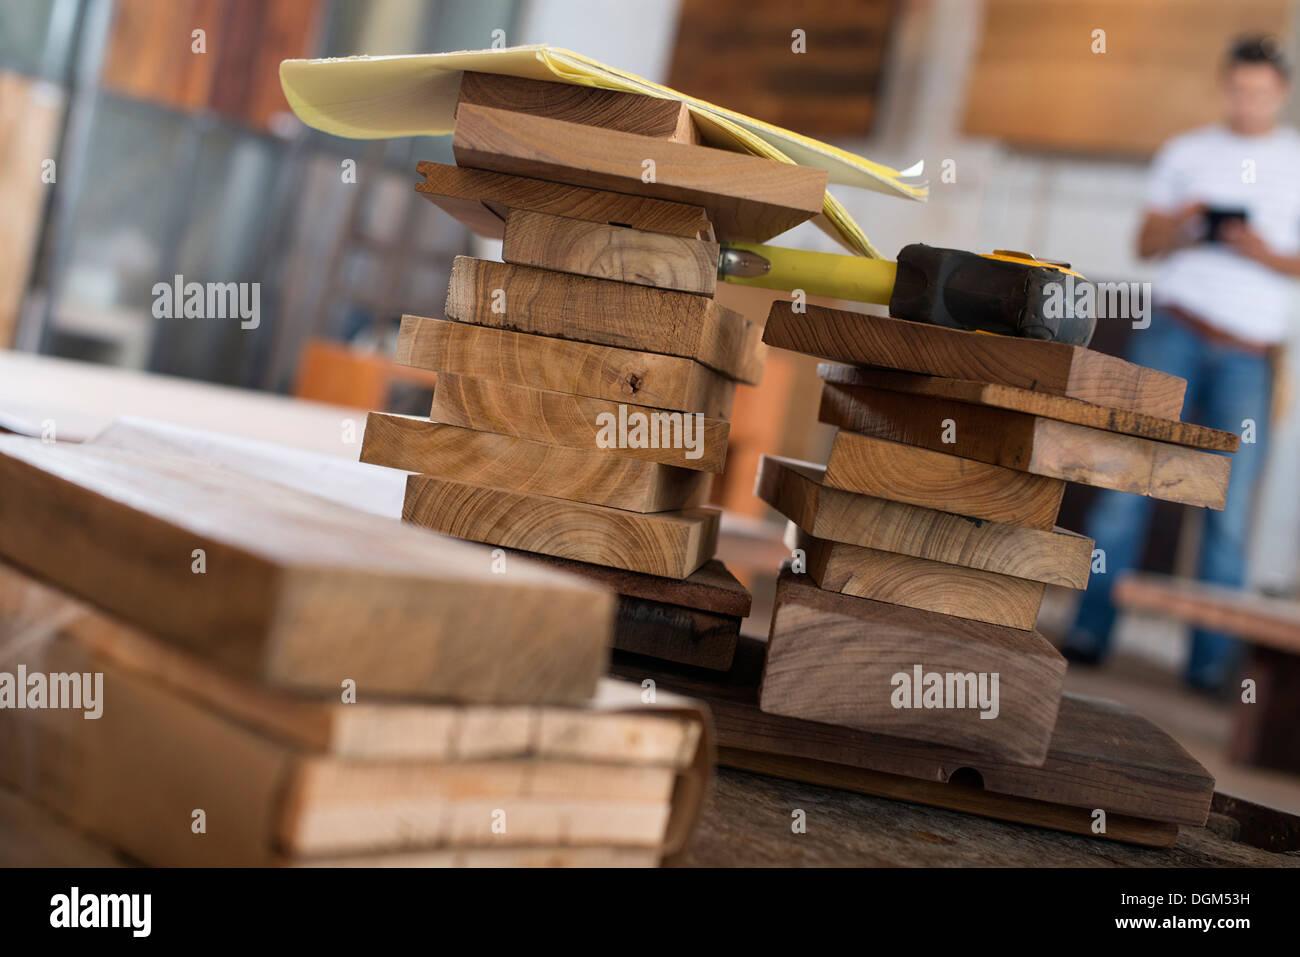 Un jeune homme dans un atelier. À l'aide d'une tablette numérique à tenir des registres et photographier des objets. Photo Stock